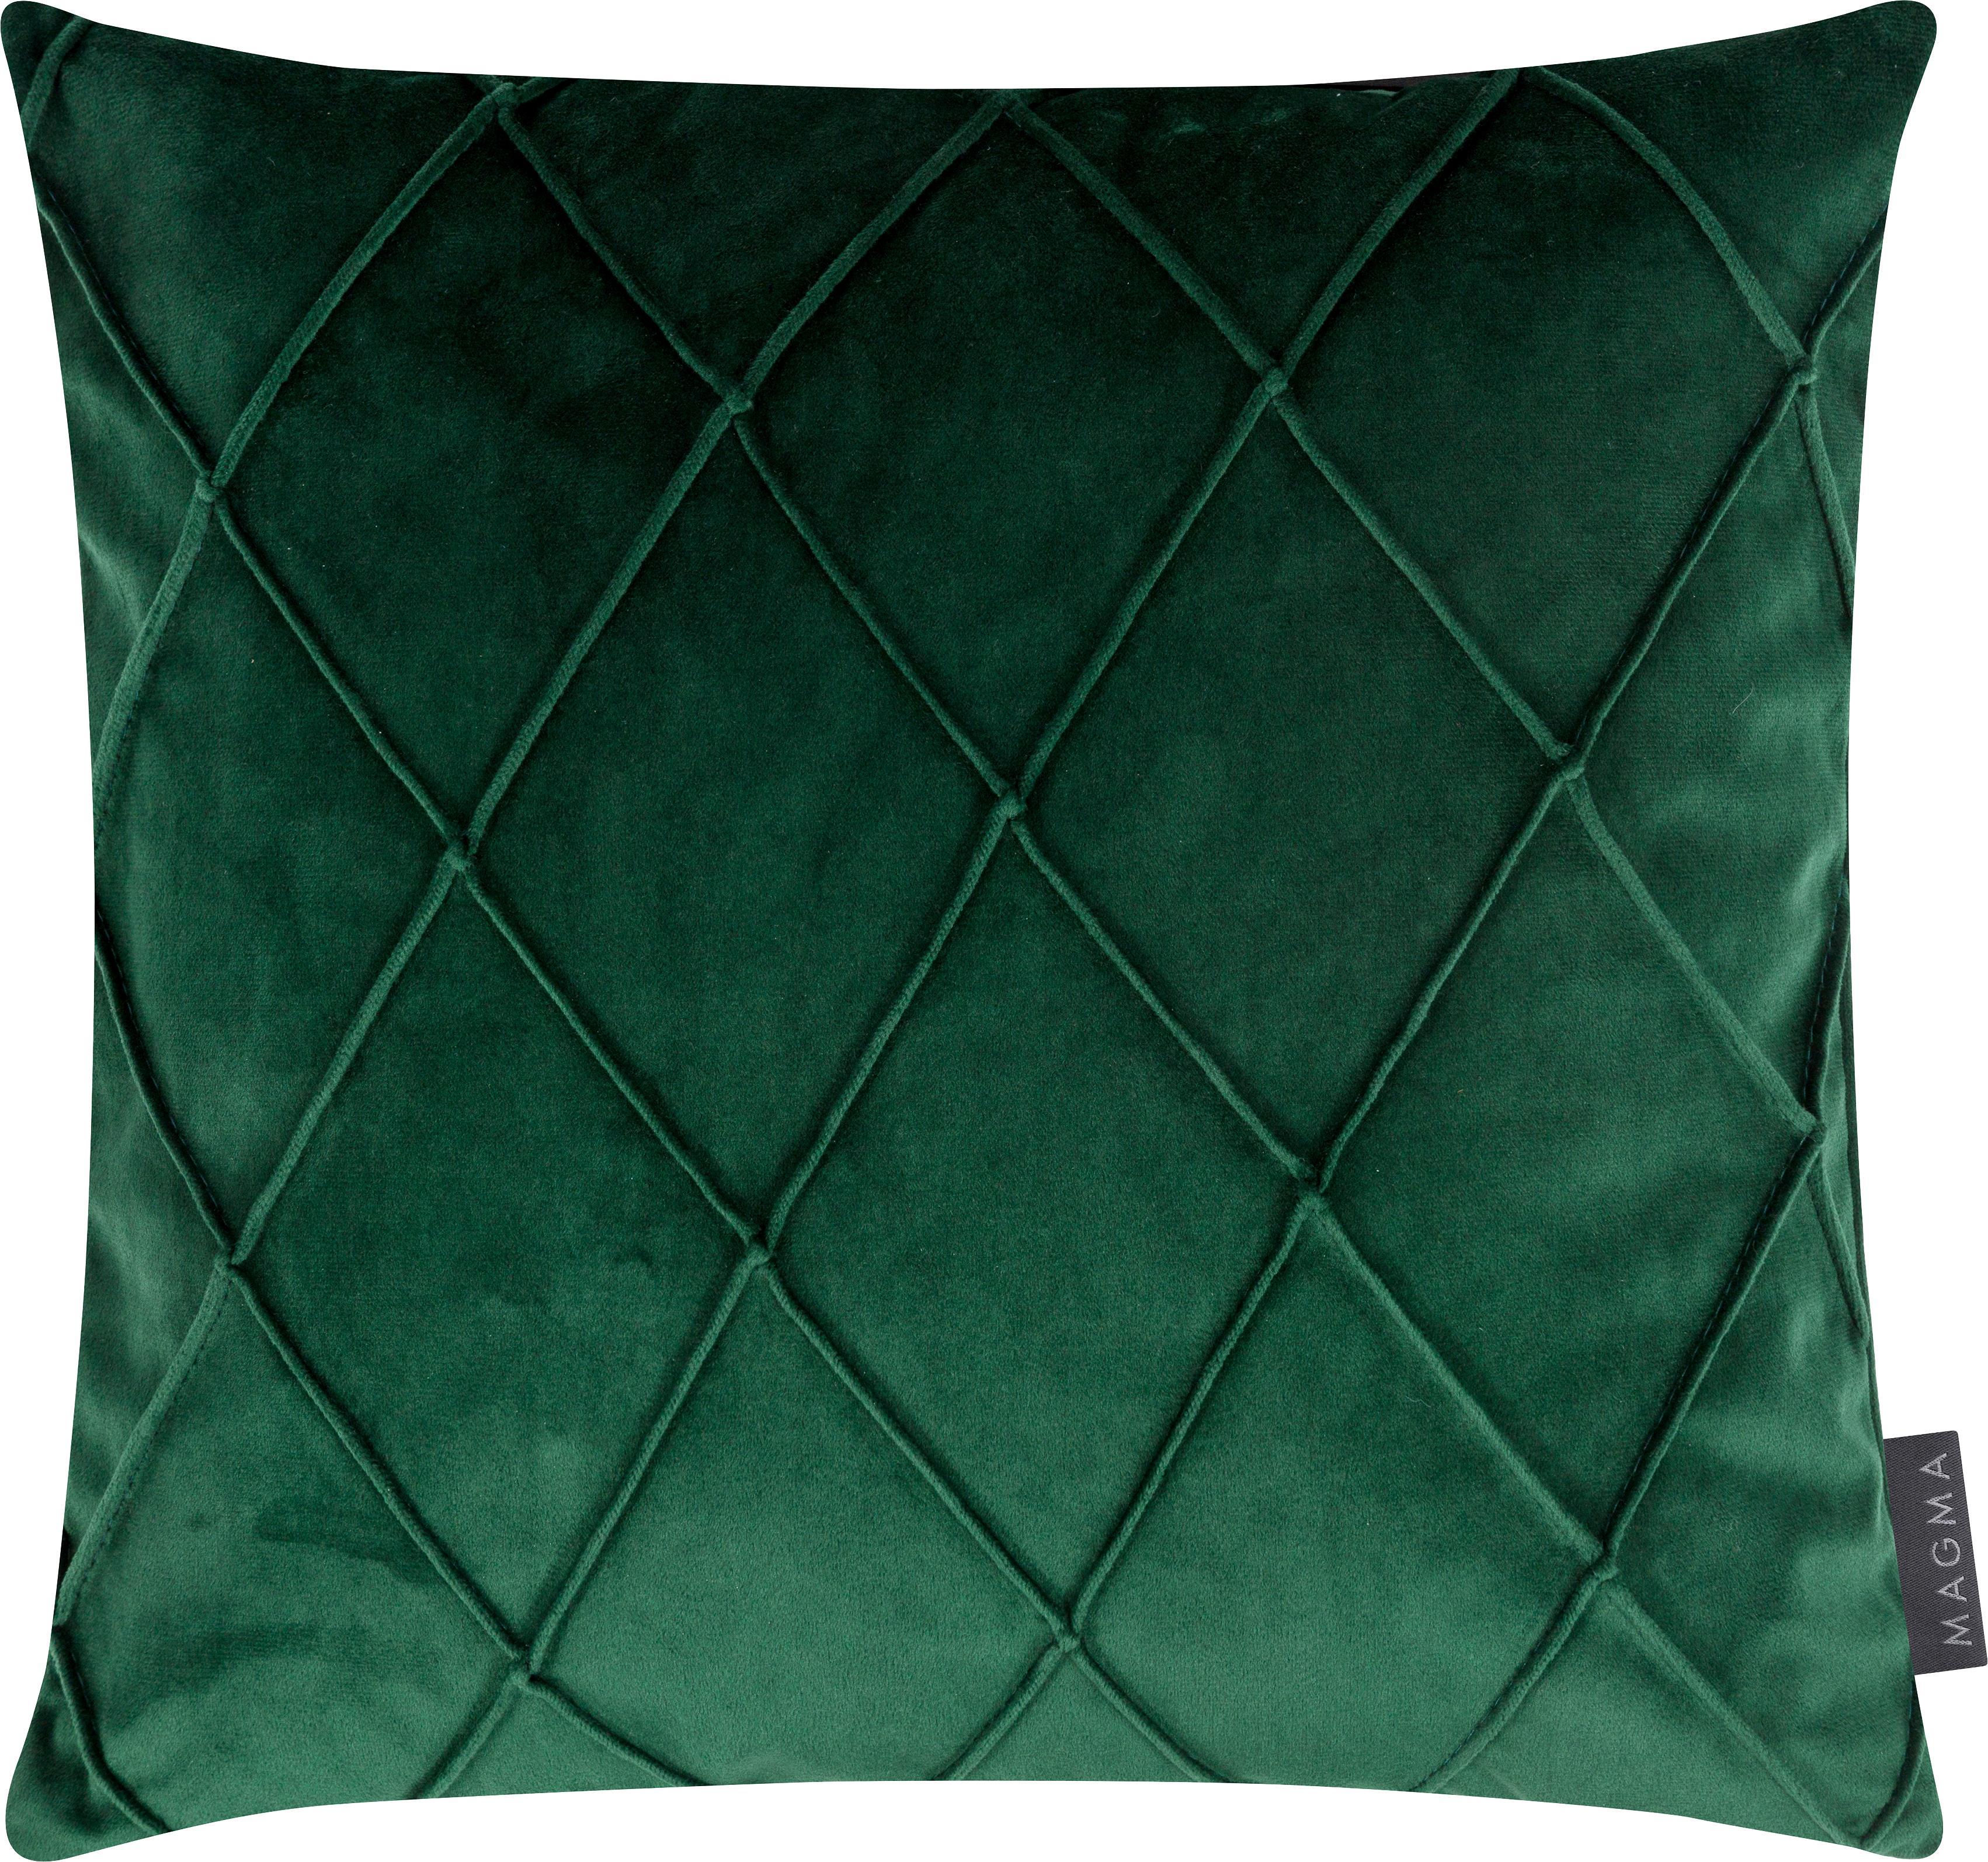 Fluwelen kussenhoes Nobless met verhoogd ruitjesmotief, 100% polyester fluweel, Groen, 40 x 40 cm